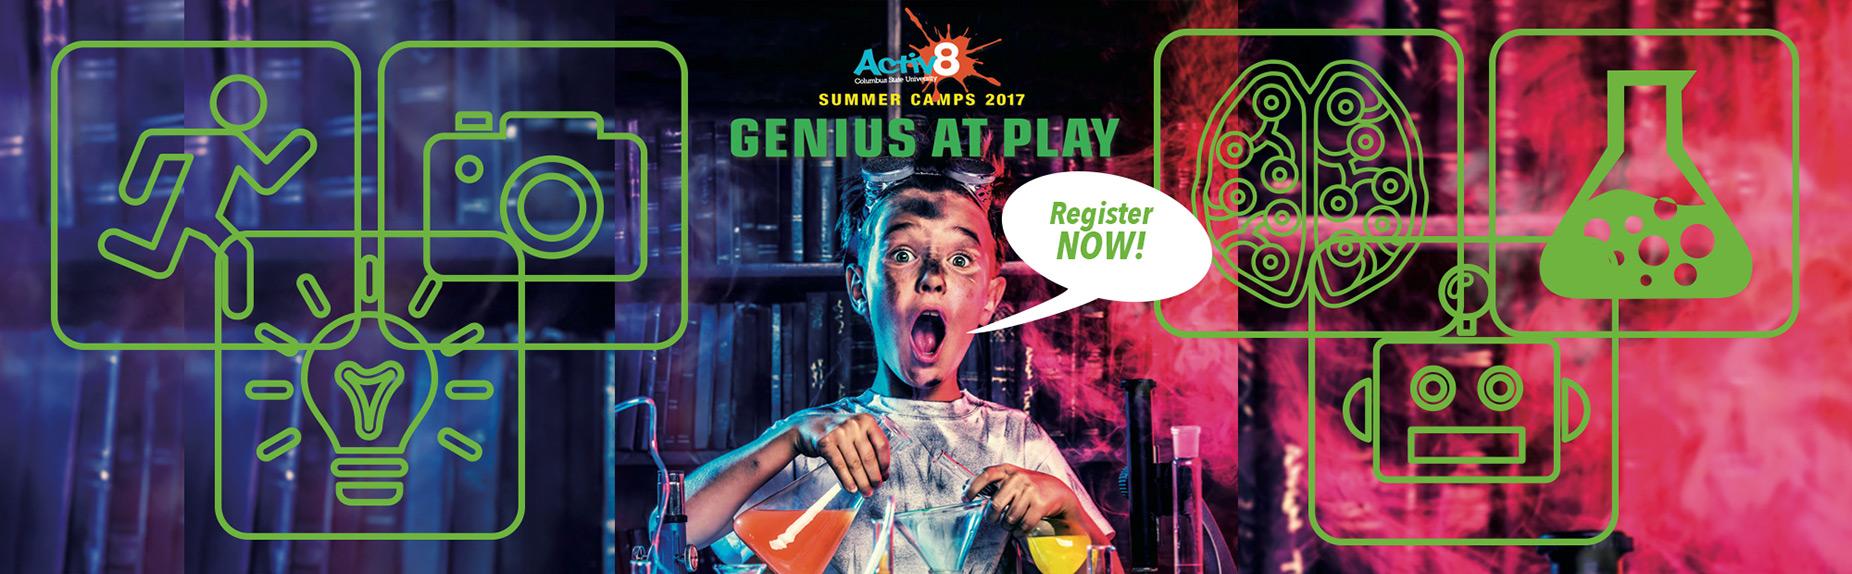 Activ8 STEAM Summer Camp 2017 Enrollment